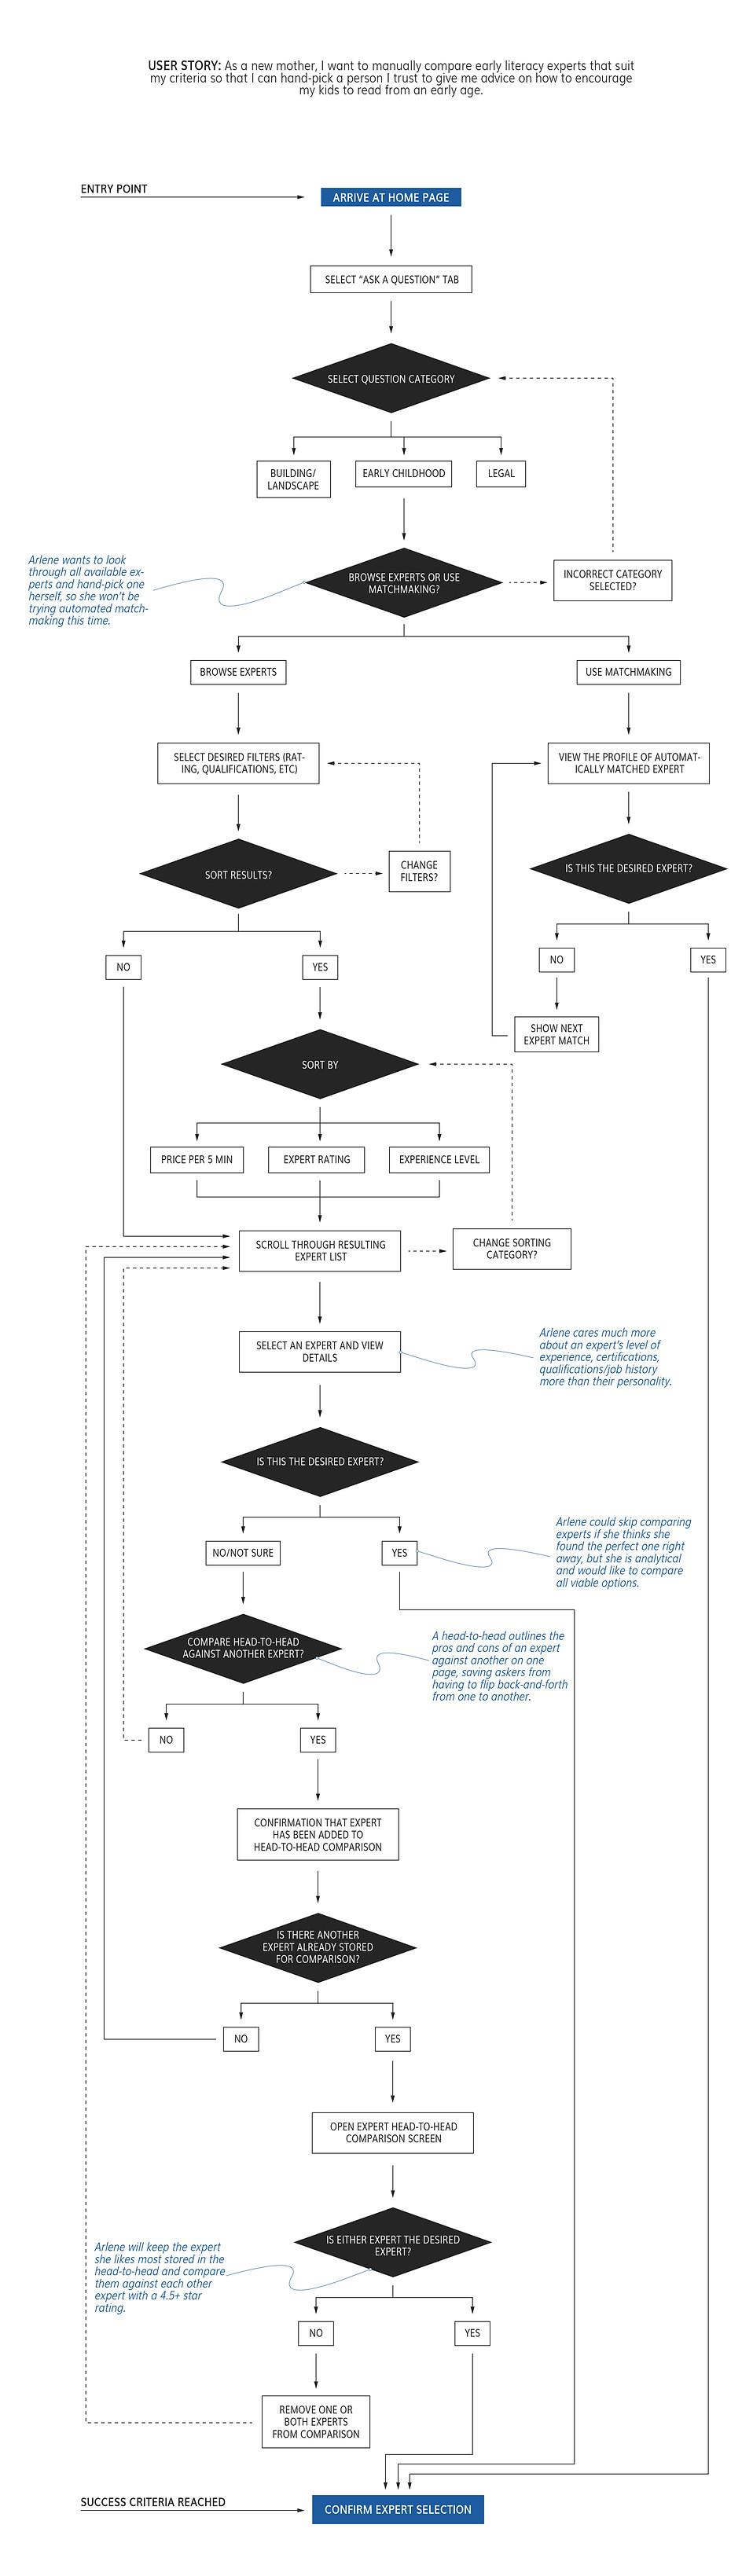 User Flow: Choosing an Exert